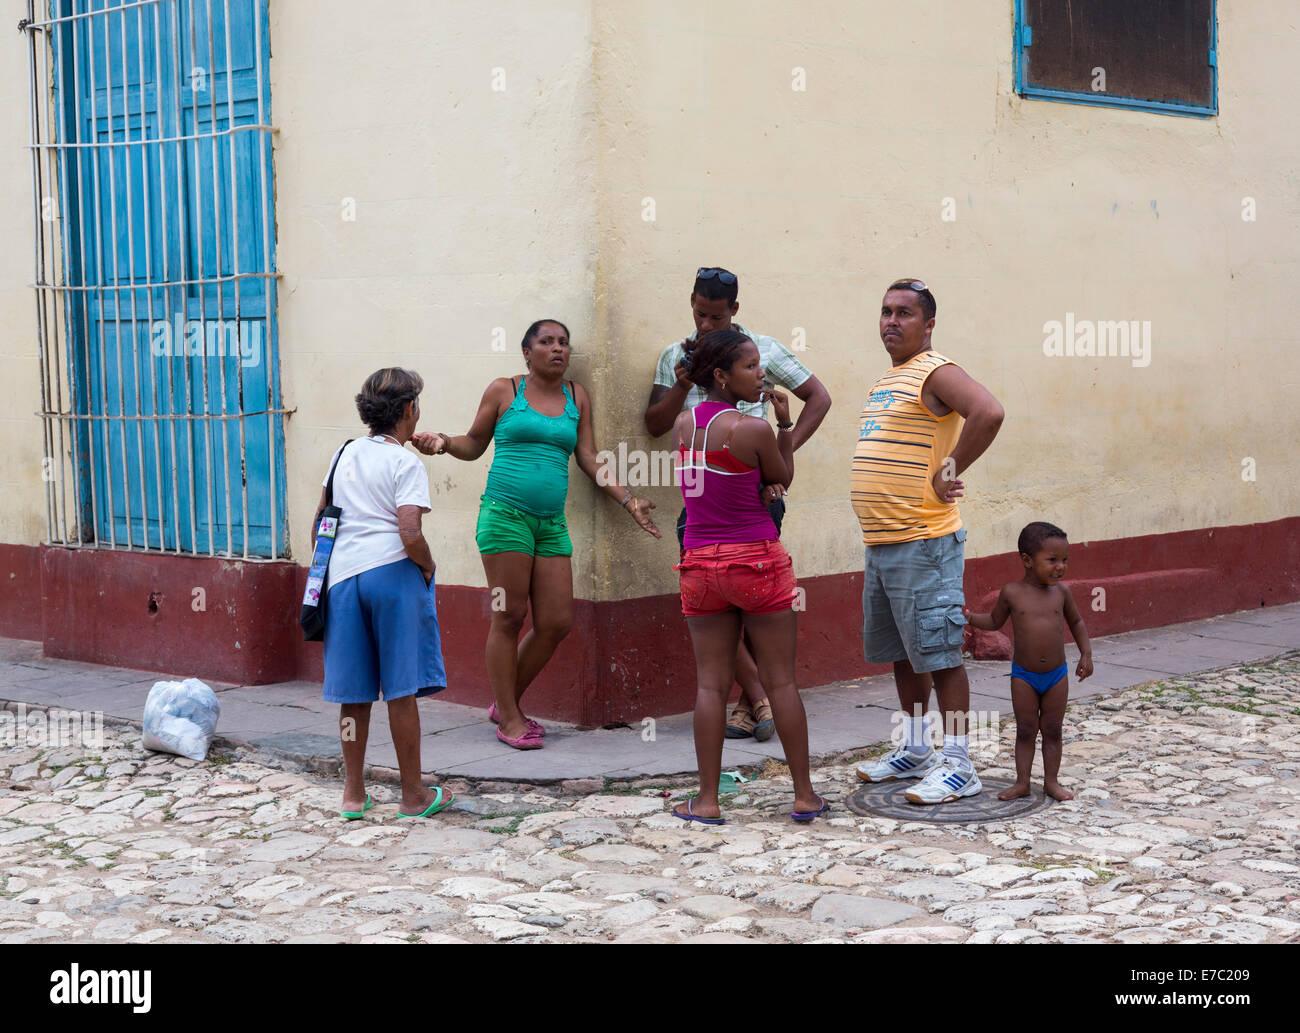 Kubaner sprechen an Straßenecke, Trinidad, Kuba Stockbild